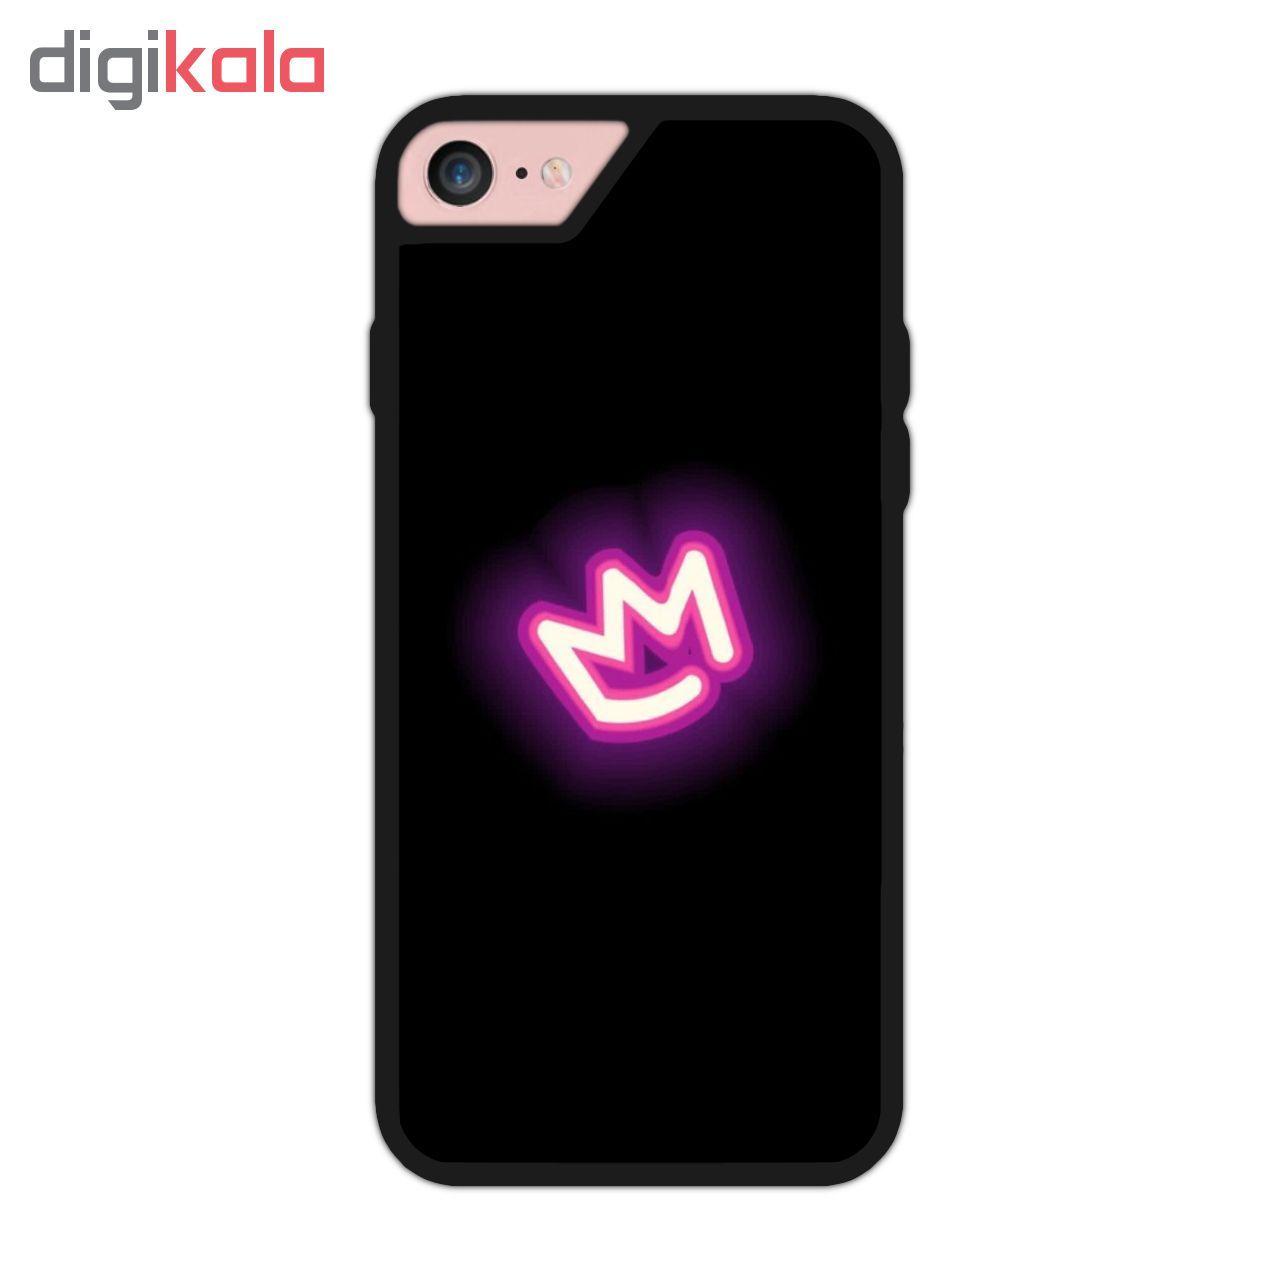 کاور آکام مدل A71414 مناسب برای گوشی موبایل اپل iPhone 7/8 main 1 1